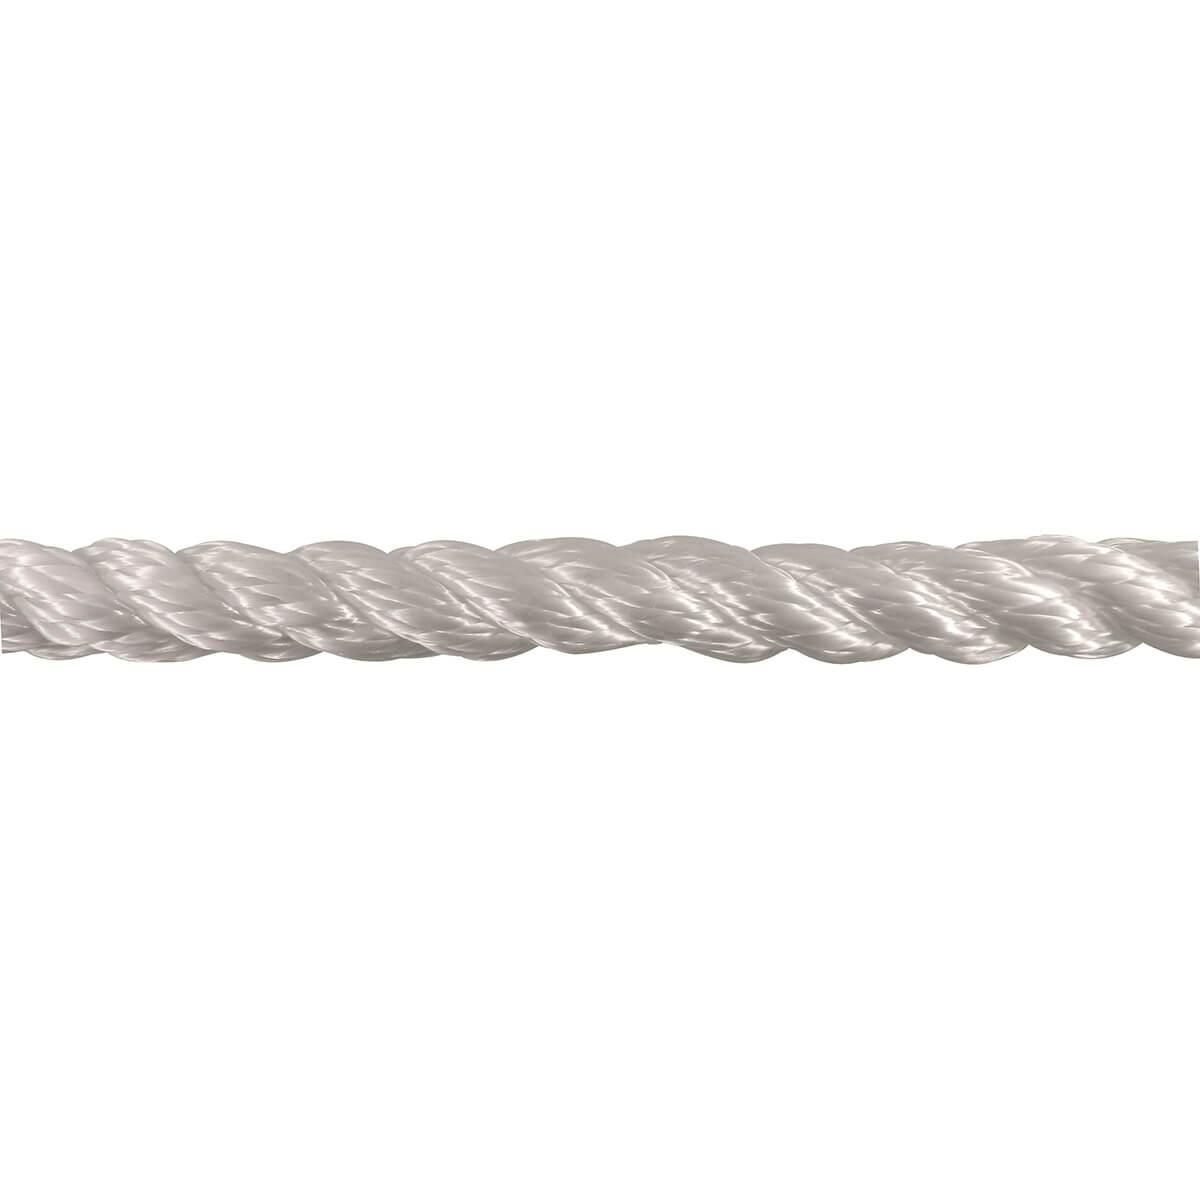 Nylon Twisted Rope - White